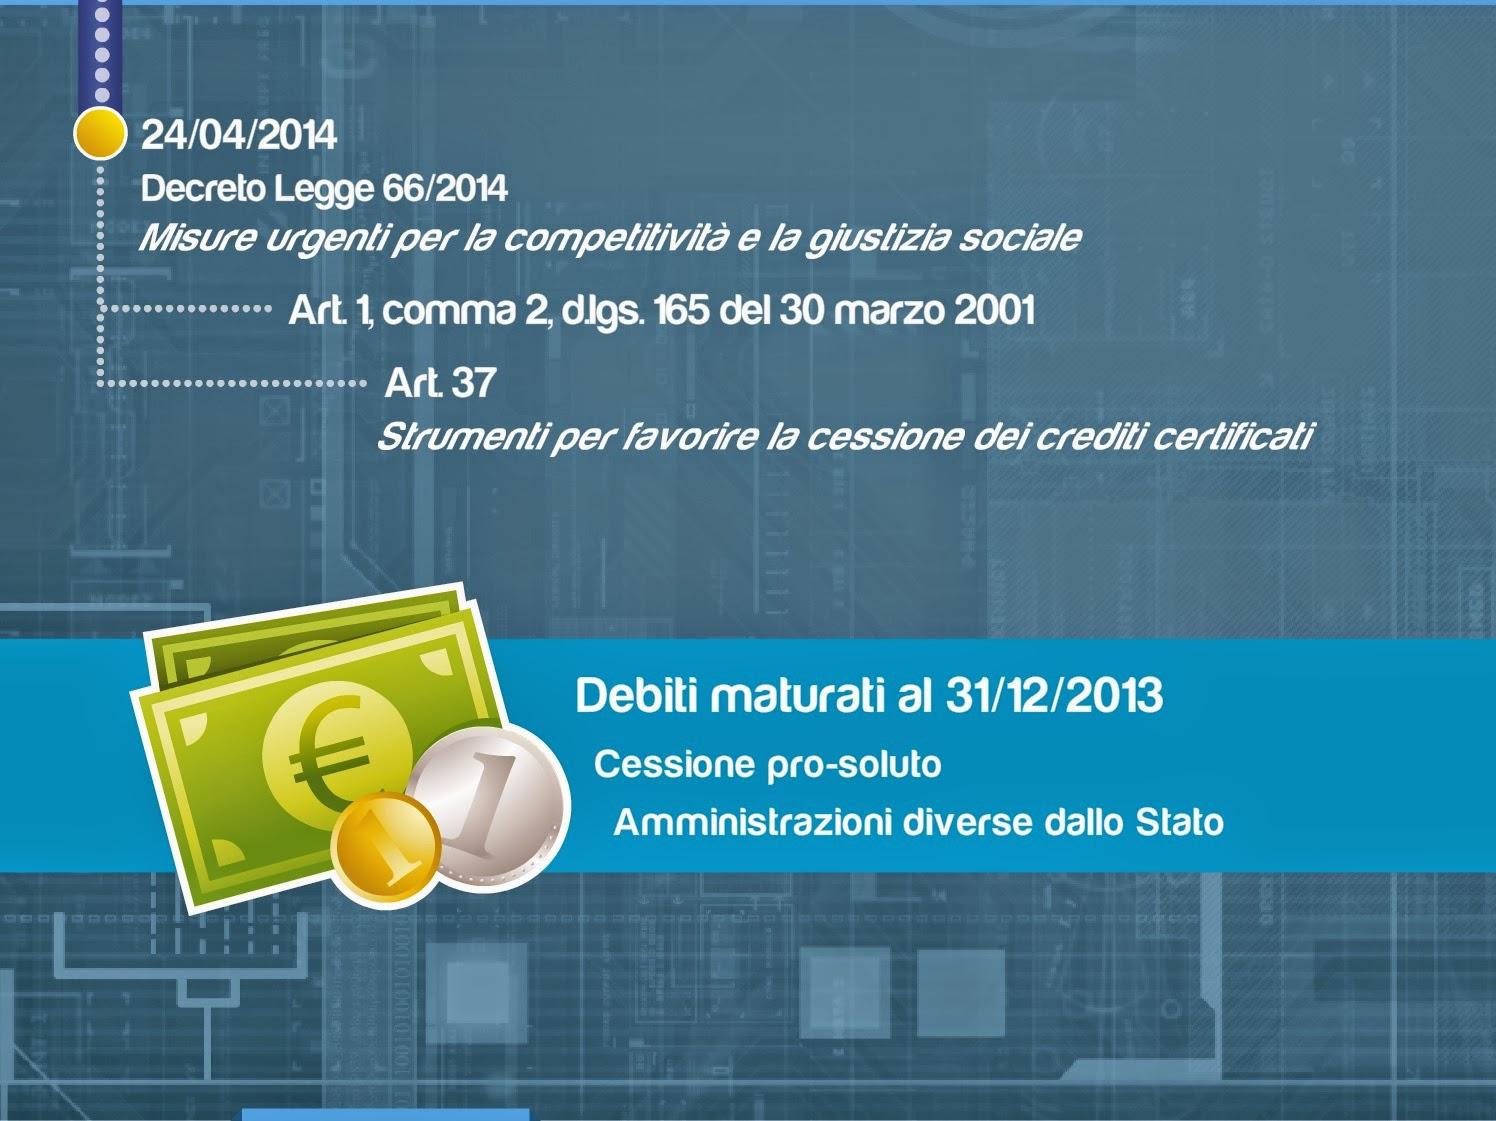 Infografica - cessione crediti certificati